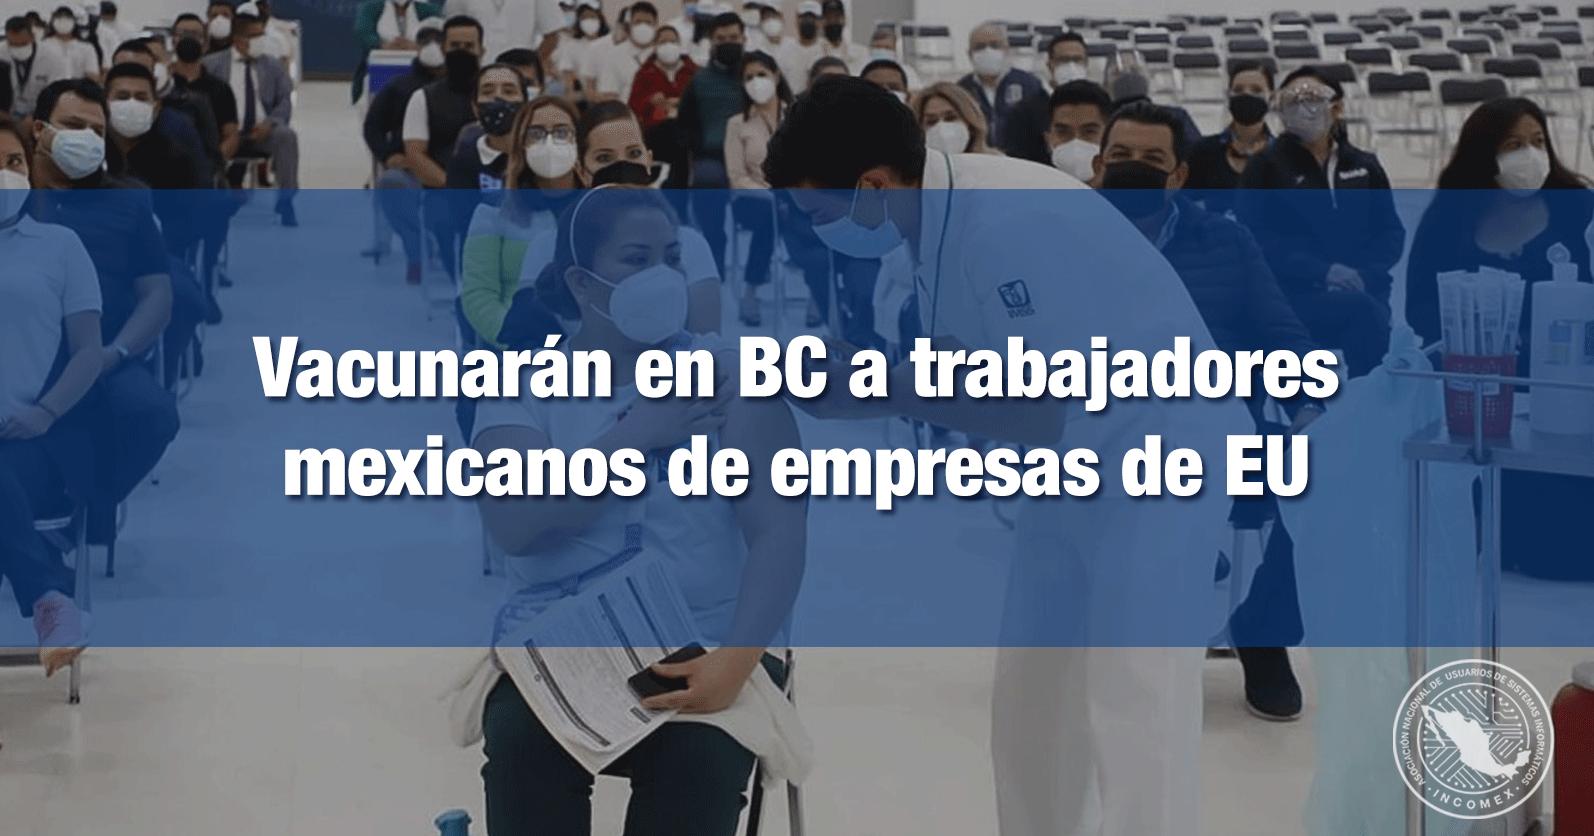 Vacunarán en BC a trabajadores mexicanos de empresas de EU